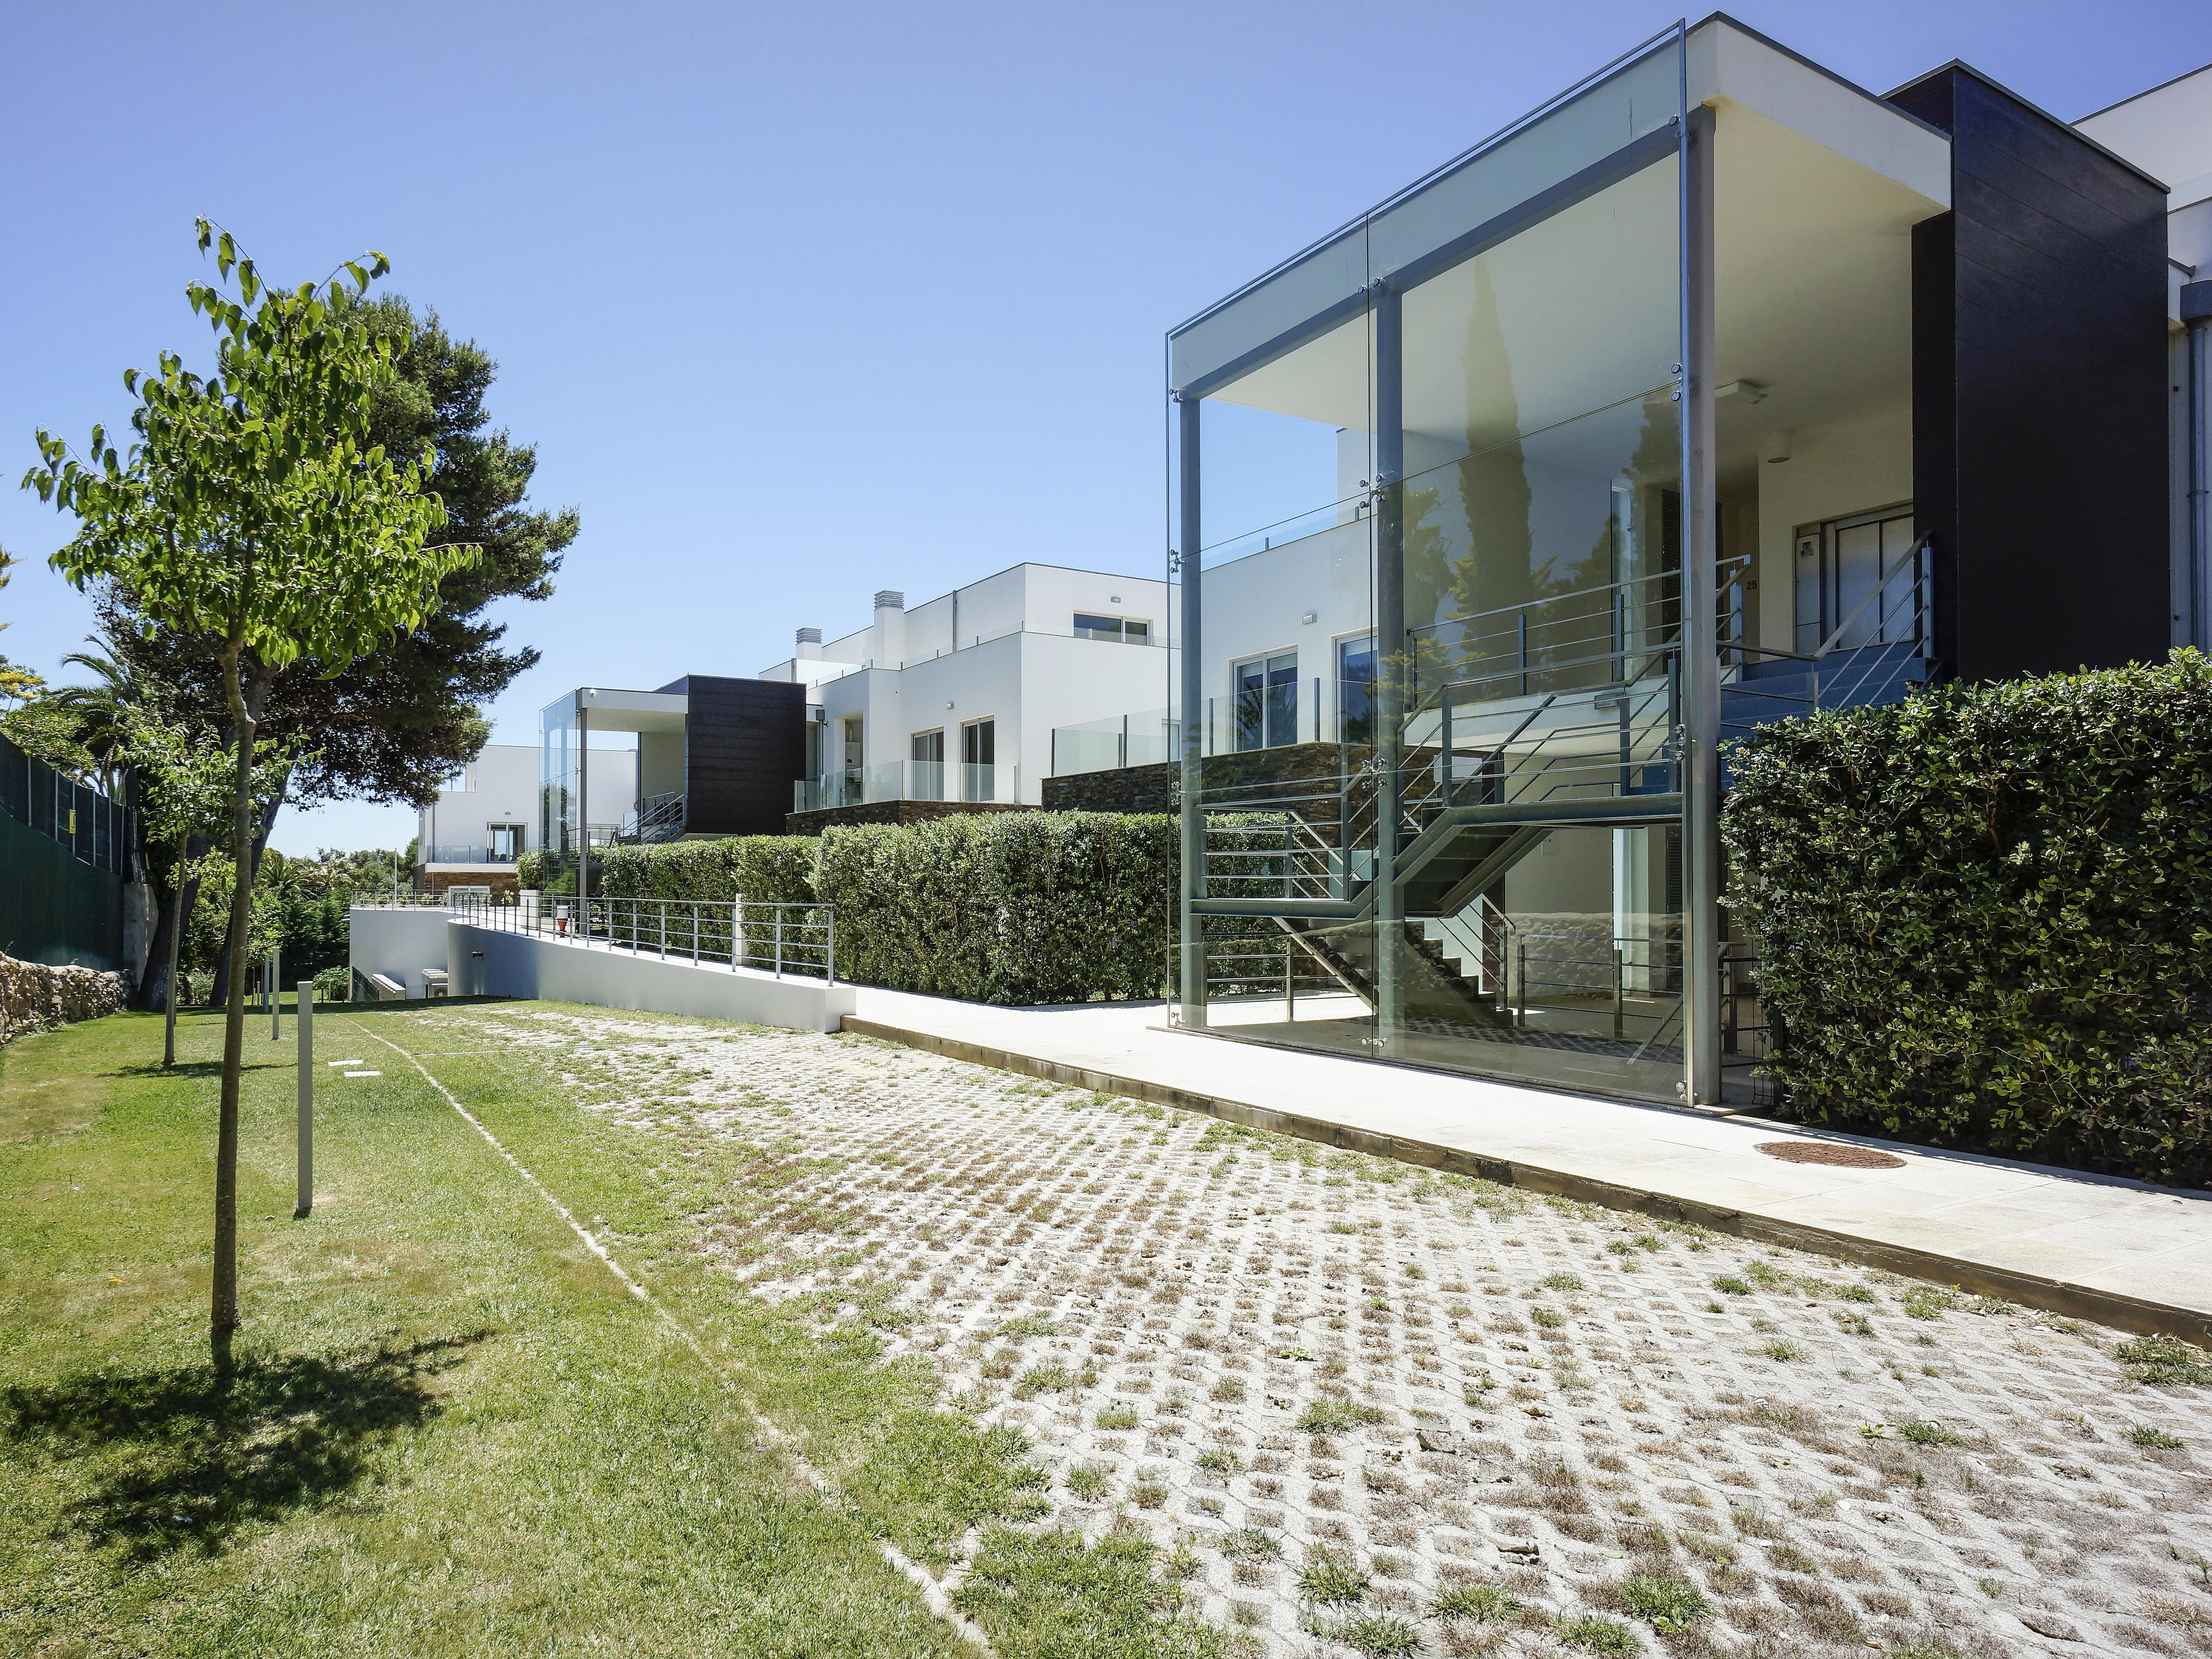 公寓 為 出售 在 Flat, 3 bedrooms, for Sale Cascais, 葡京 2750-268 葡萄牙